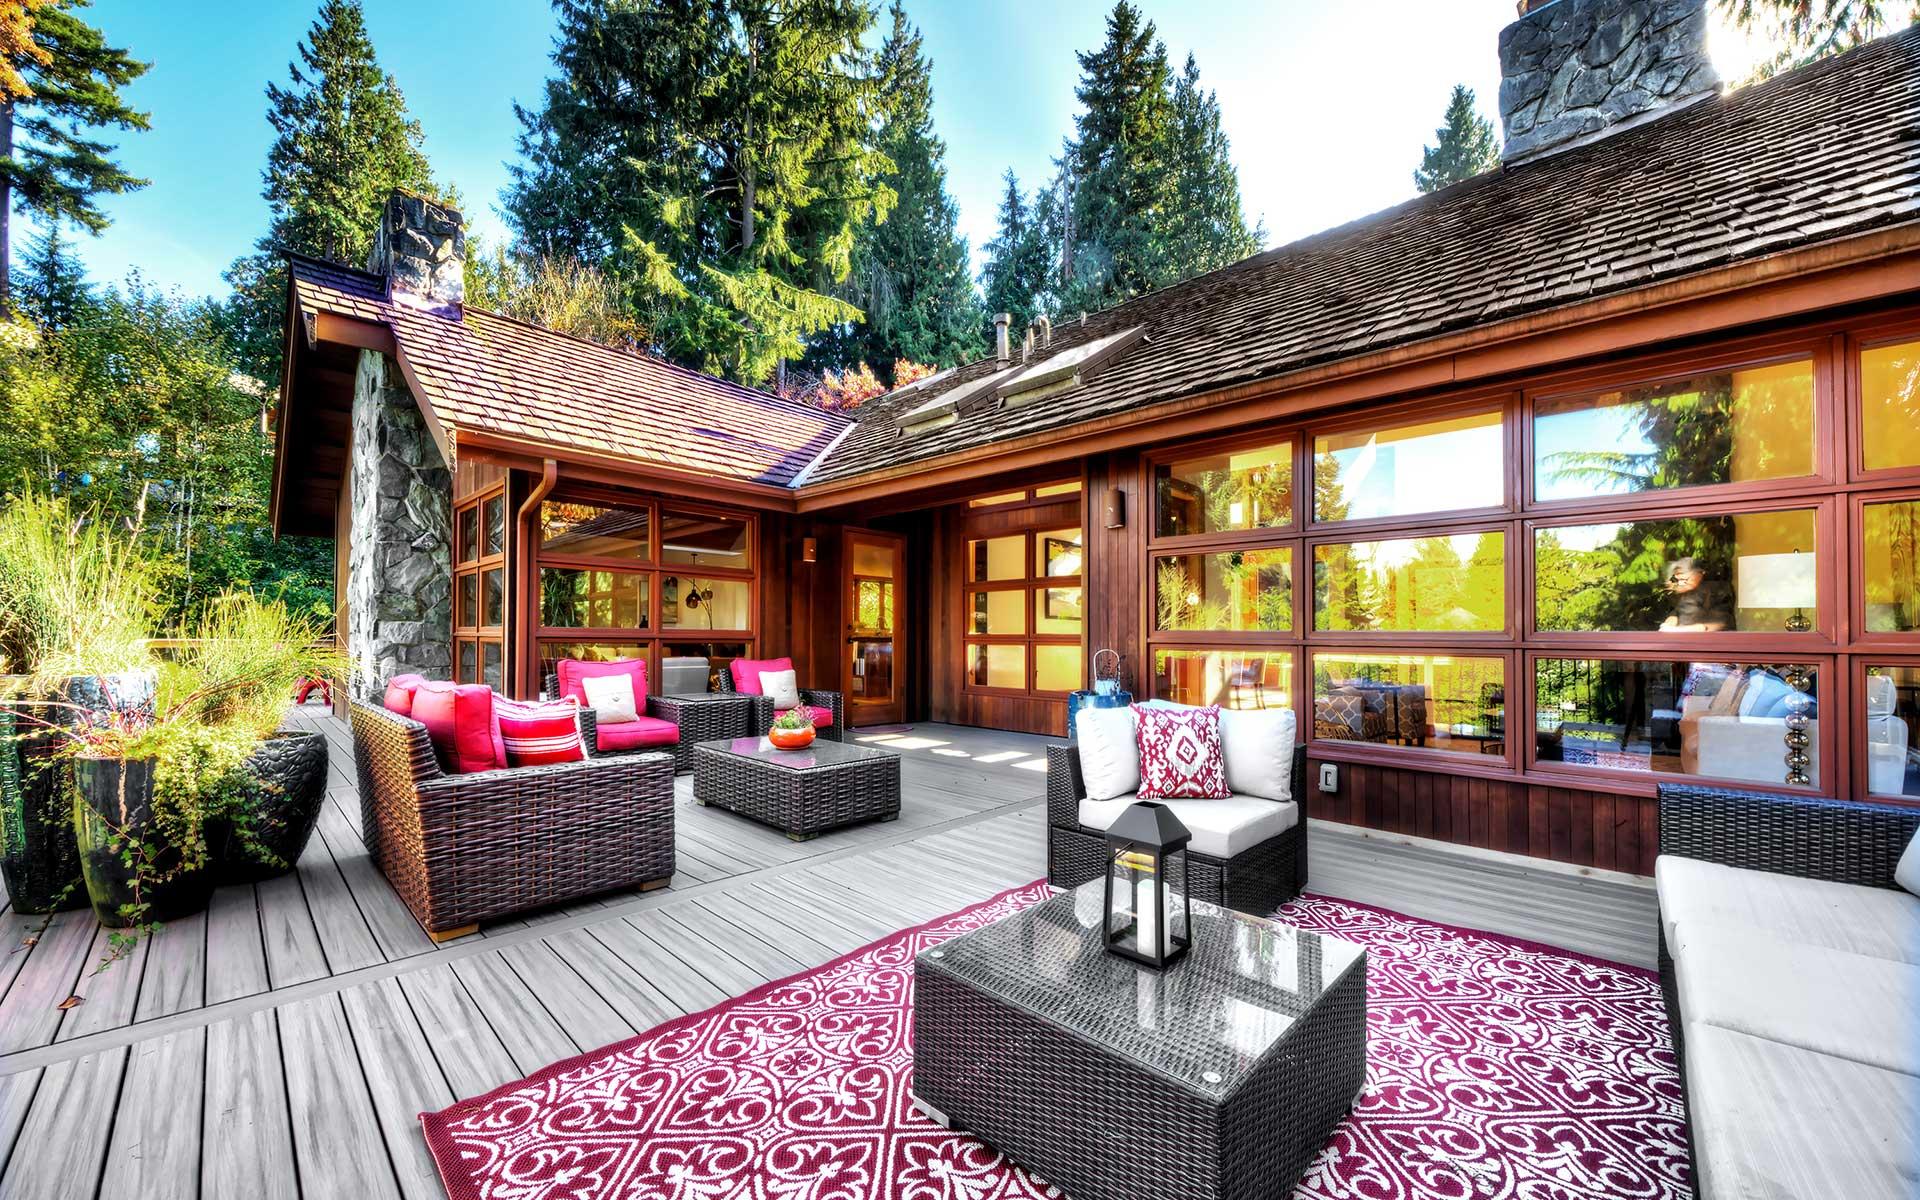 Northwest Style in West Bellevue photo